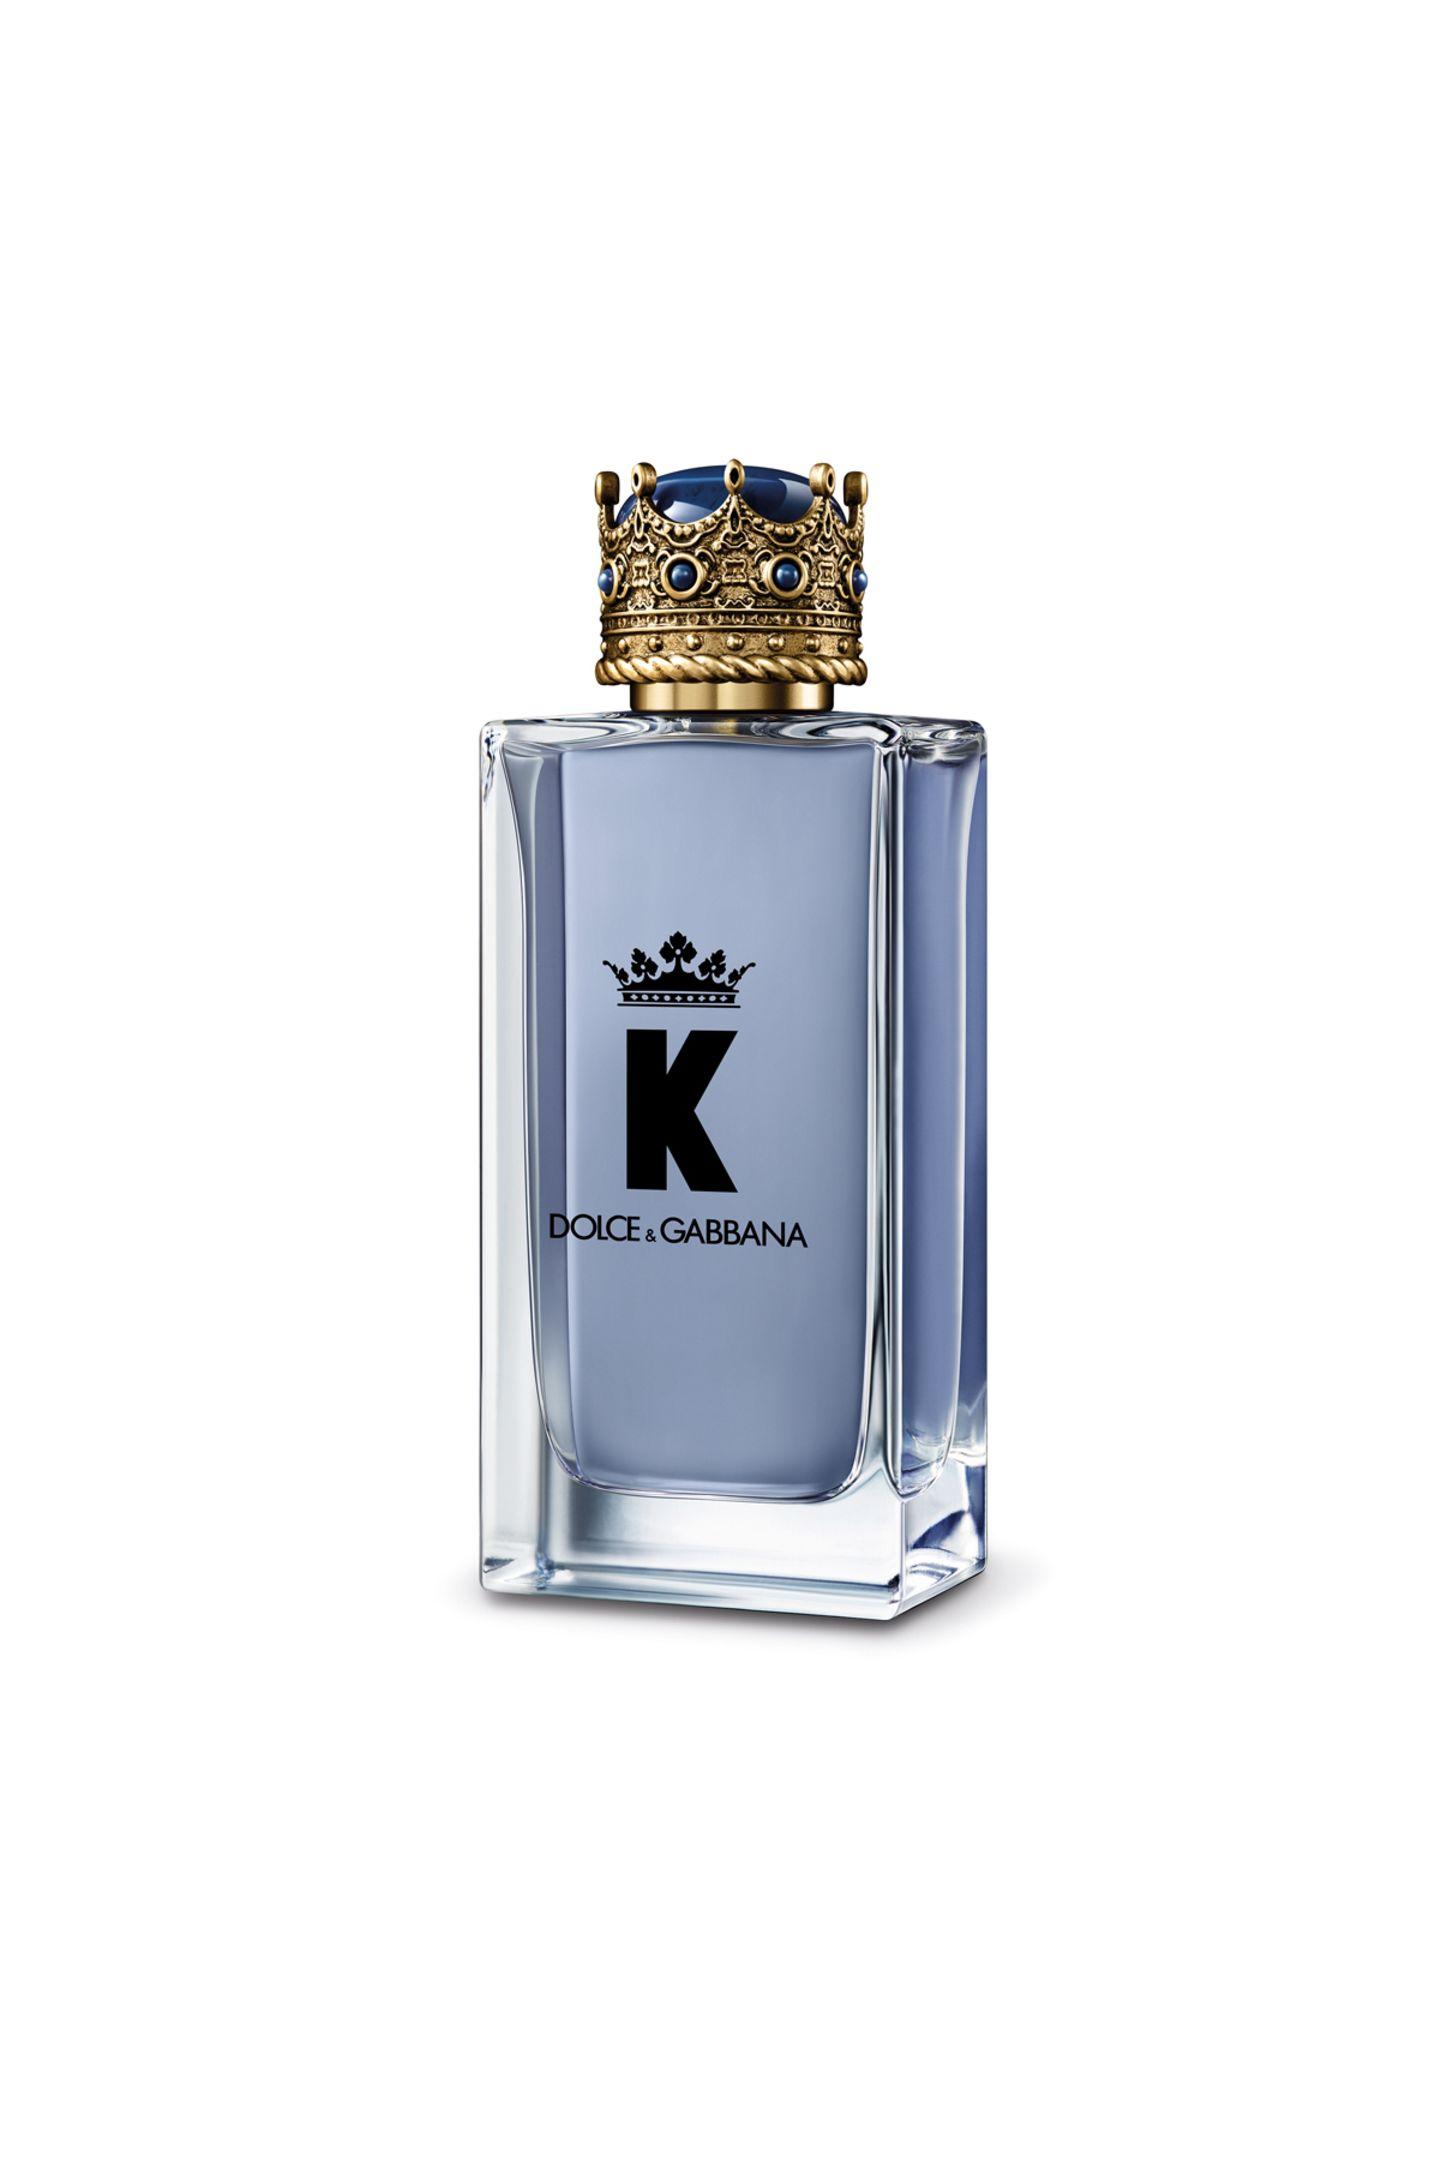 """Für Ihren ganz persönlichen King: """"K by Dolce & Gabbana"""" ist perfekt für einen modernen, selbstbewussten Mann, der sich selbst treu bleibt und hingebungsvoll für seine Familie sorgt. Zeit Danke zu sagen mit einer duften Komposition aus fruchtigenNoten, scharfer Pimentessenz und sinnlichen Holznoten. Ab ca. 69 Euro."""